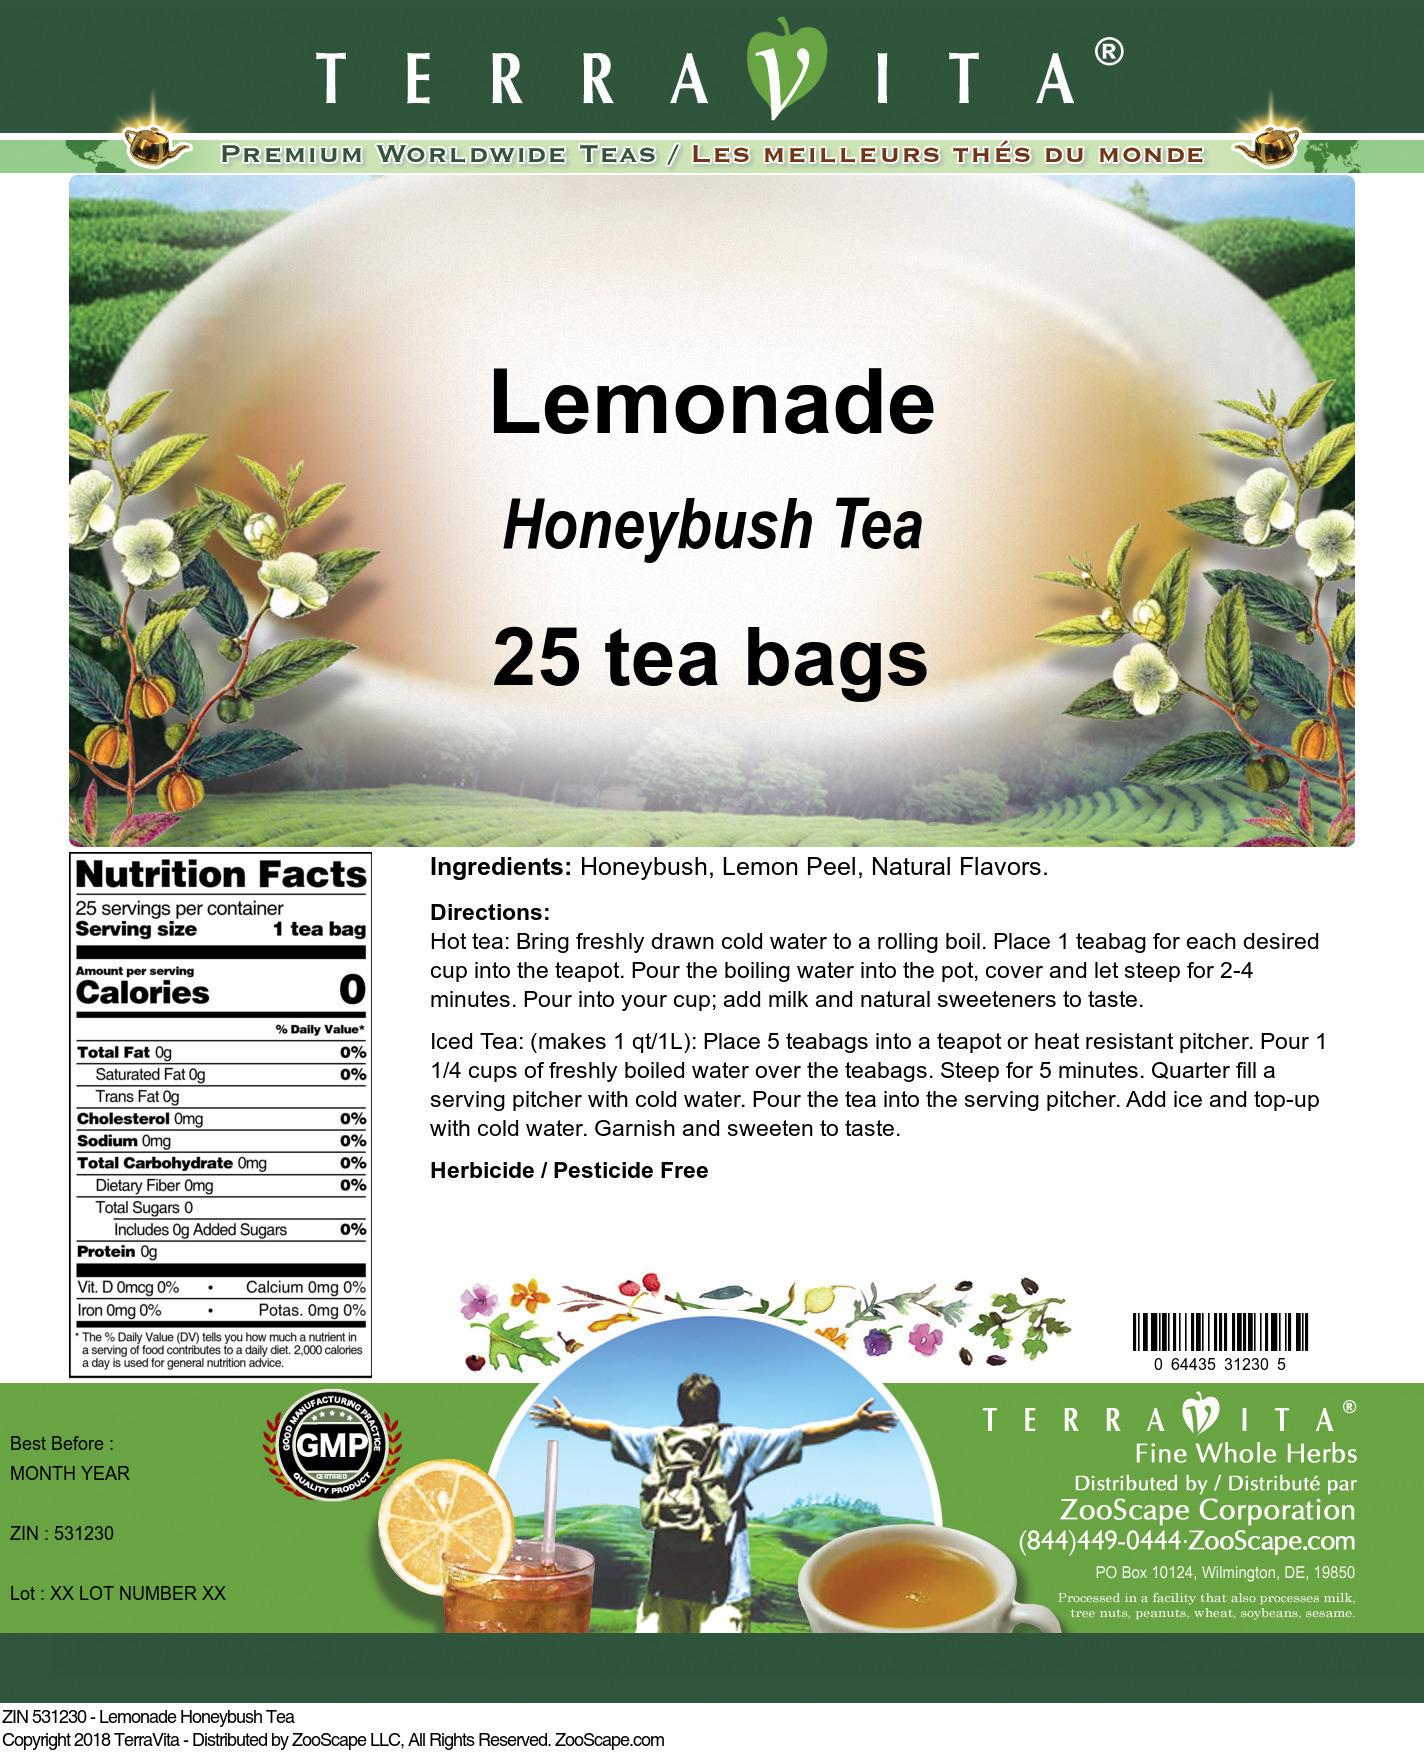 Lemonade Honeybush Tea